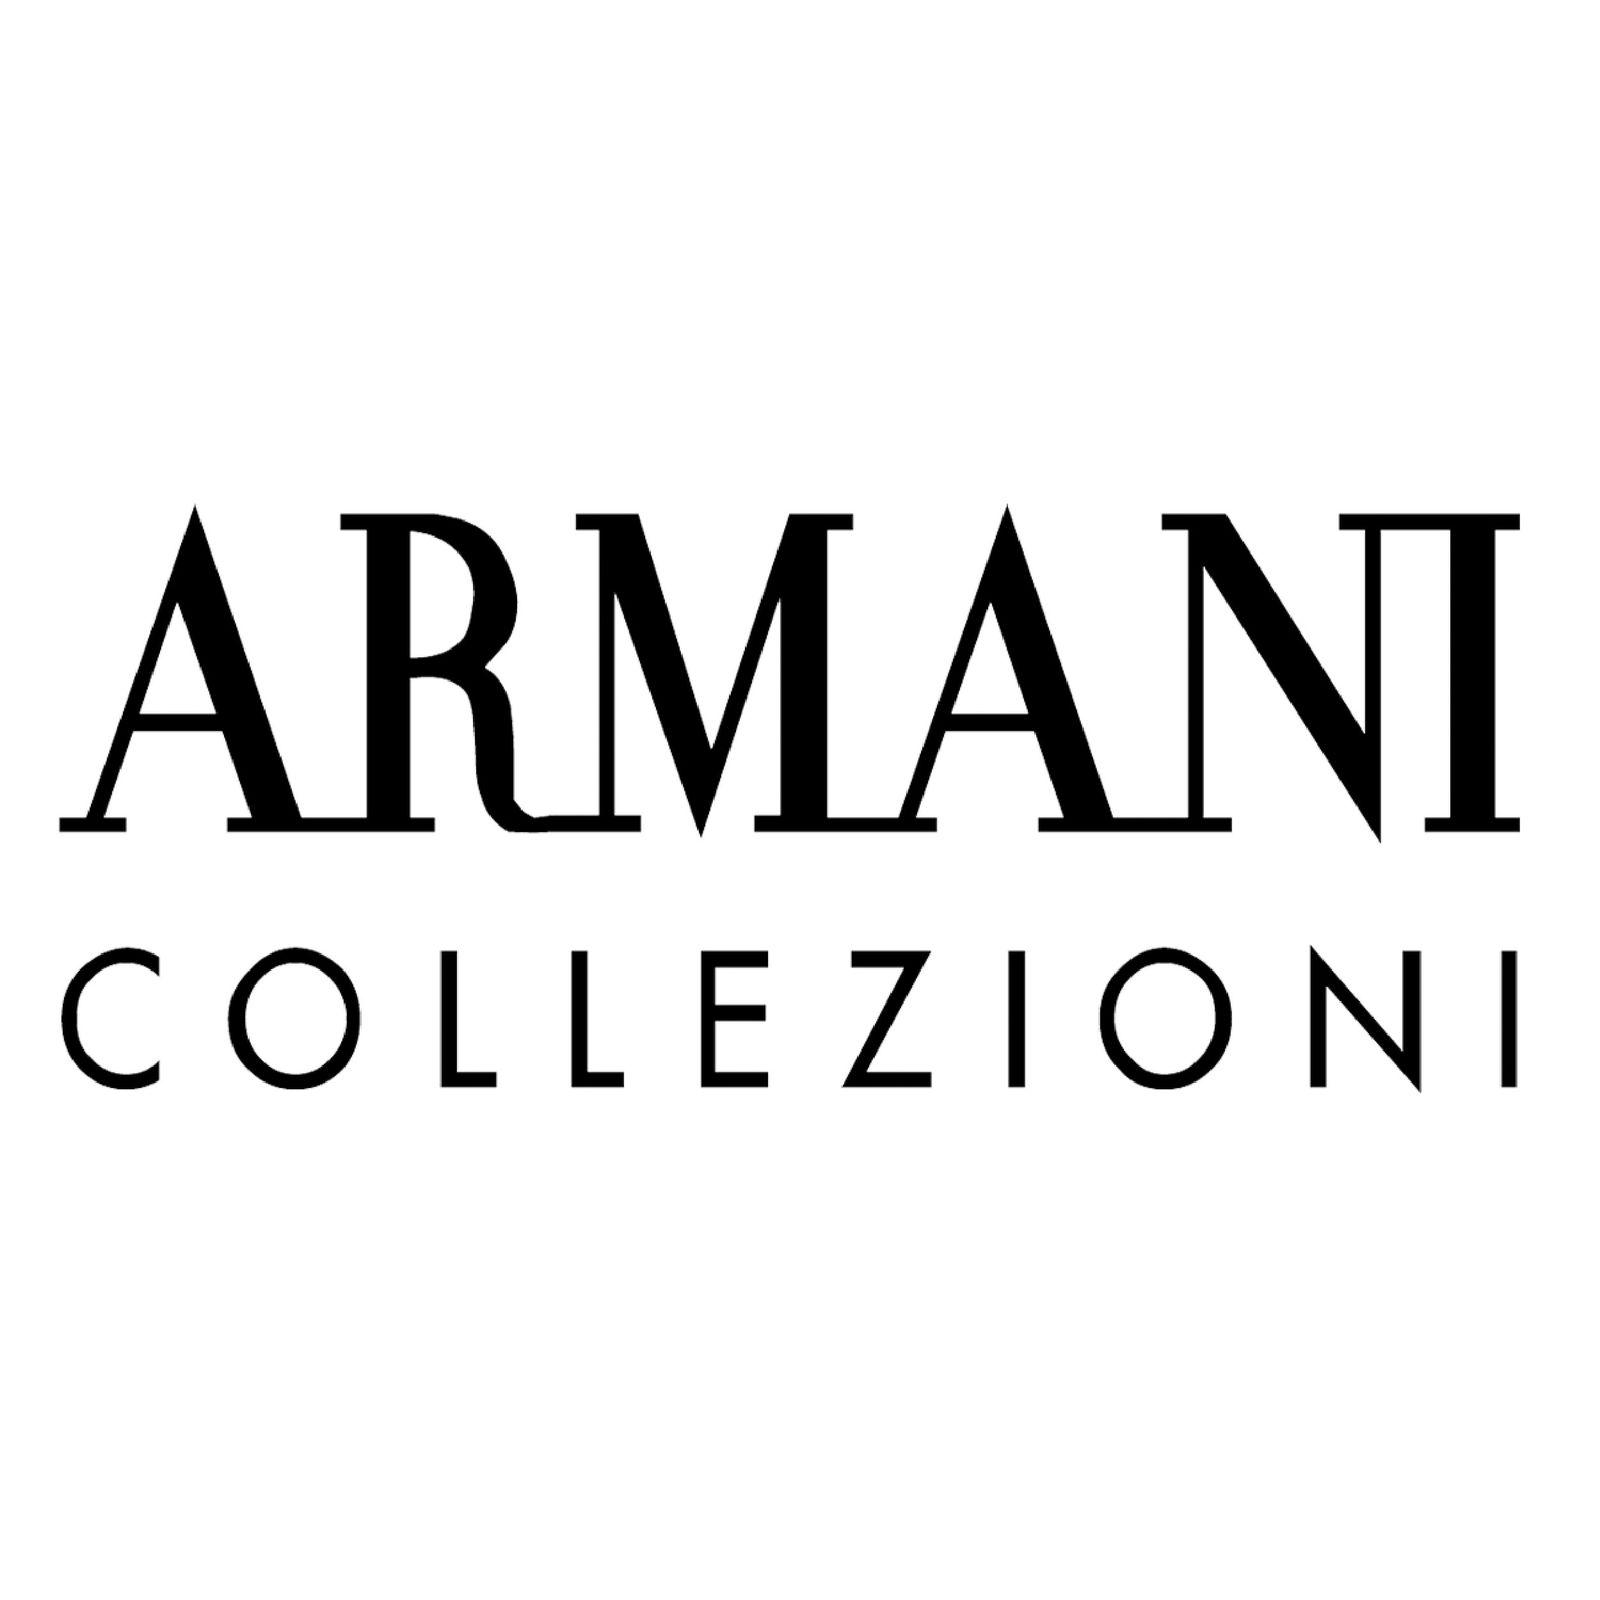 ARMANI COLLEZIONI (Bild 1)